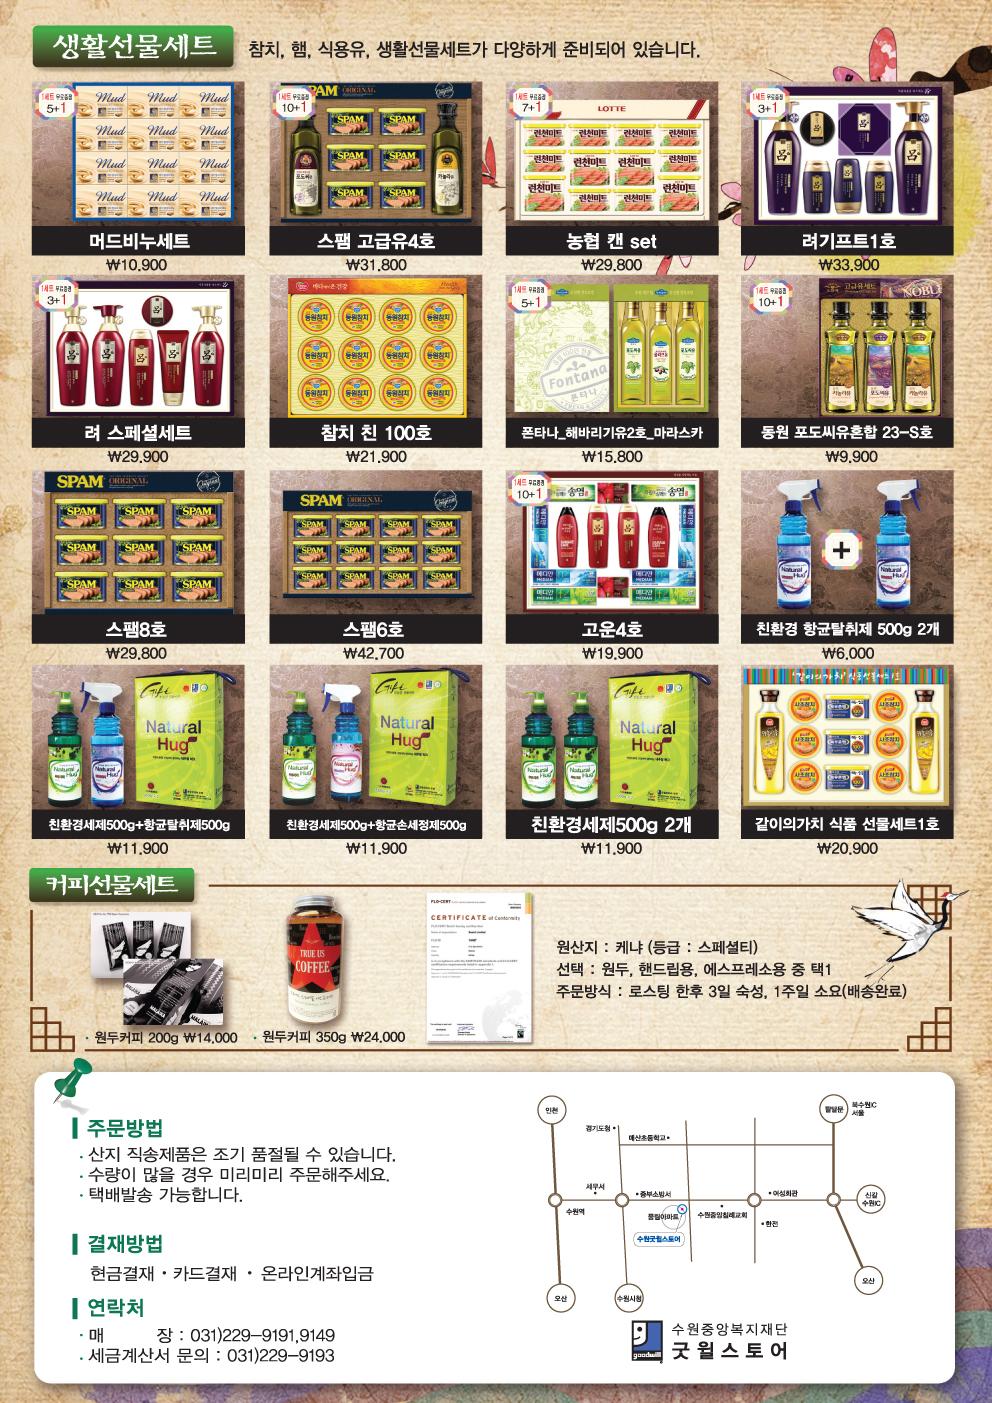 2013-설맞이-전단지_뒤.jpg